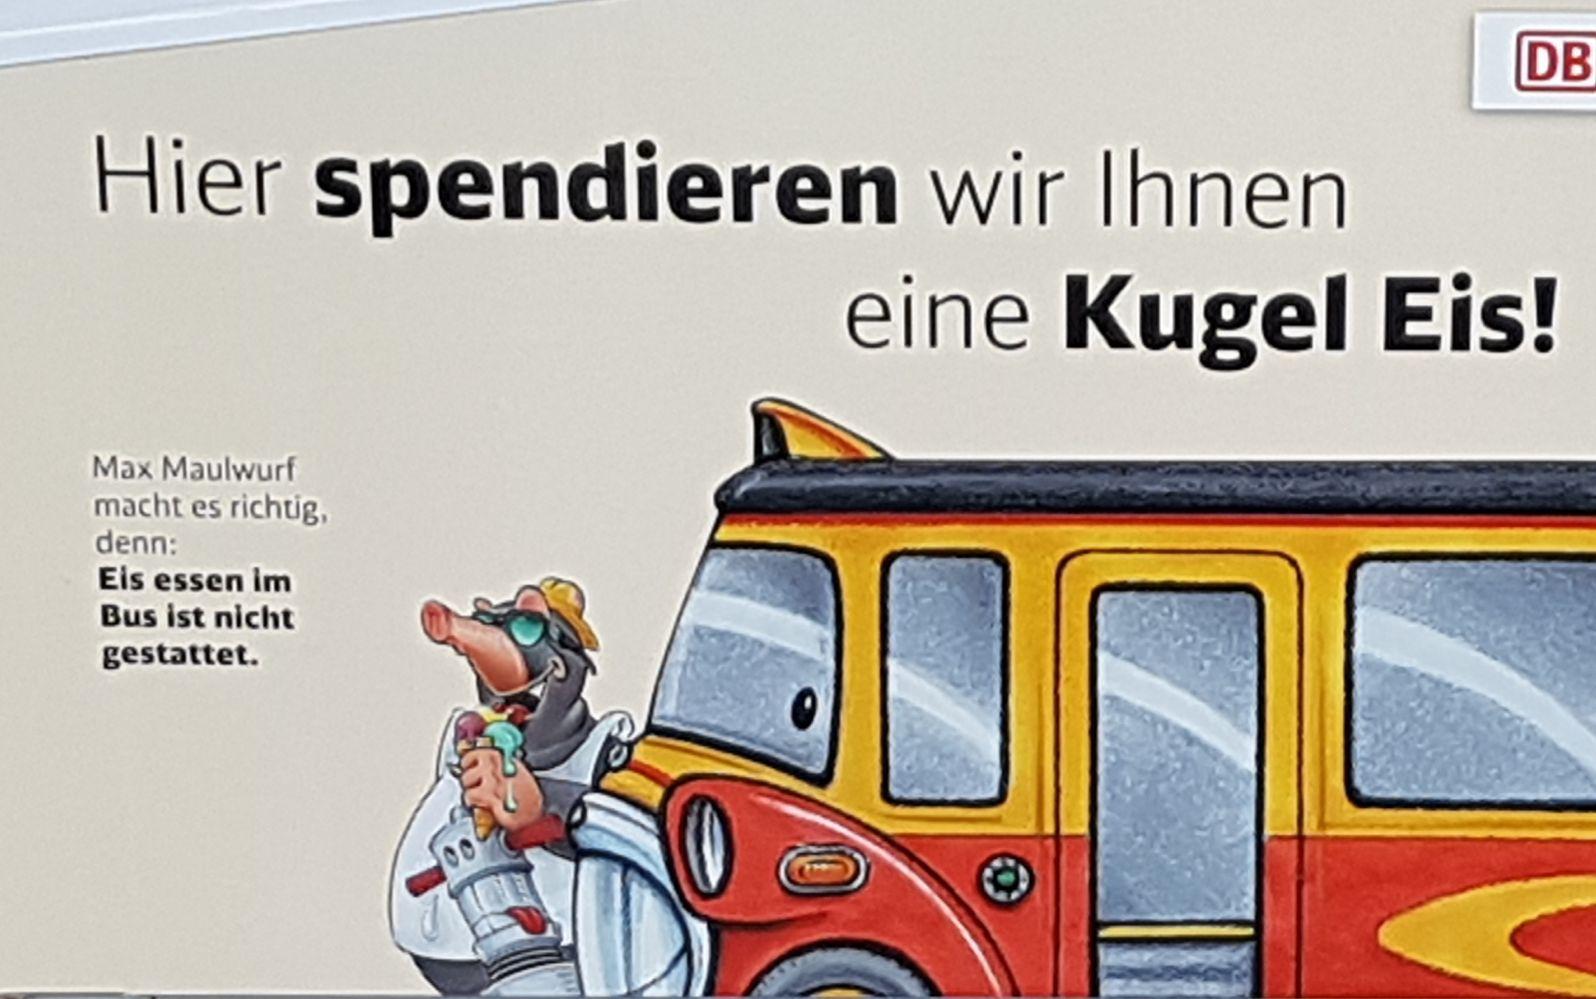 Freebie: Eine Kugel Eis gratis am Hauptbahnhof in Hamm (Westf.) & in Dortmund.